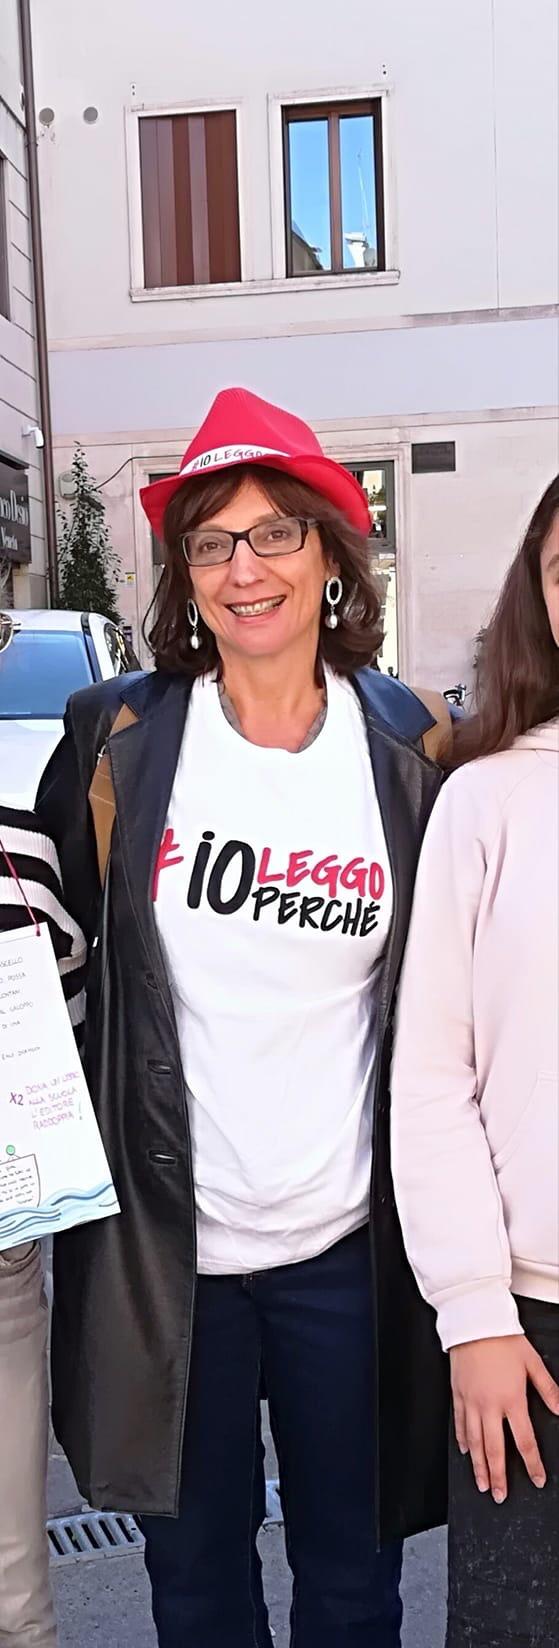 Video intervista Valeria Mancini scrittrice veneto Cultura vicenza amici della bertoliana Gatte Vicentine donne veneto Ilaria Rebecchi Storie di donne